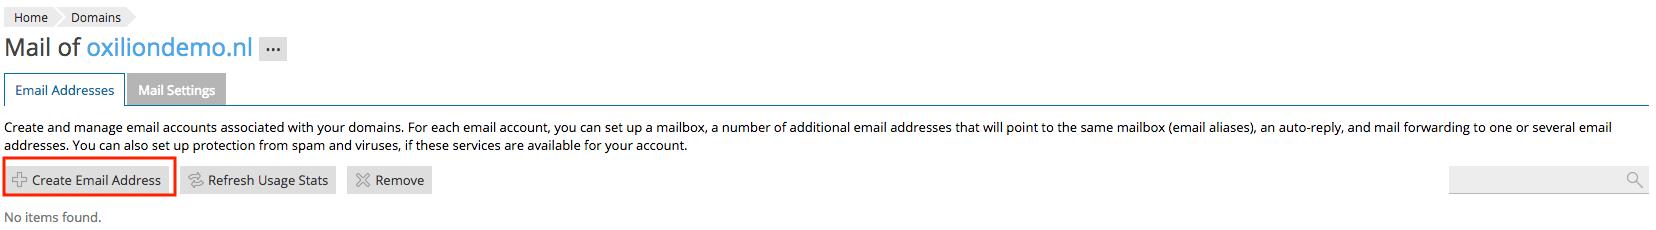 Weergave van de knop om een e-mailadres aan te maken binnen Plesk.